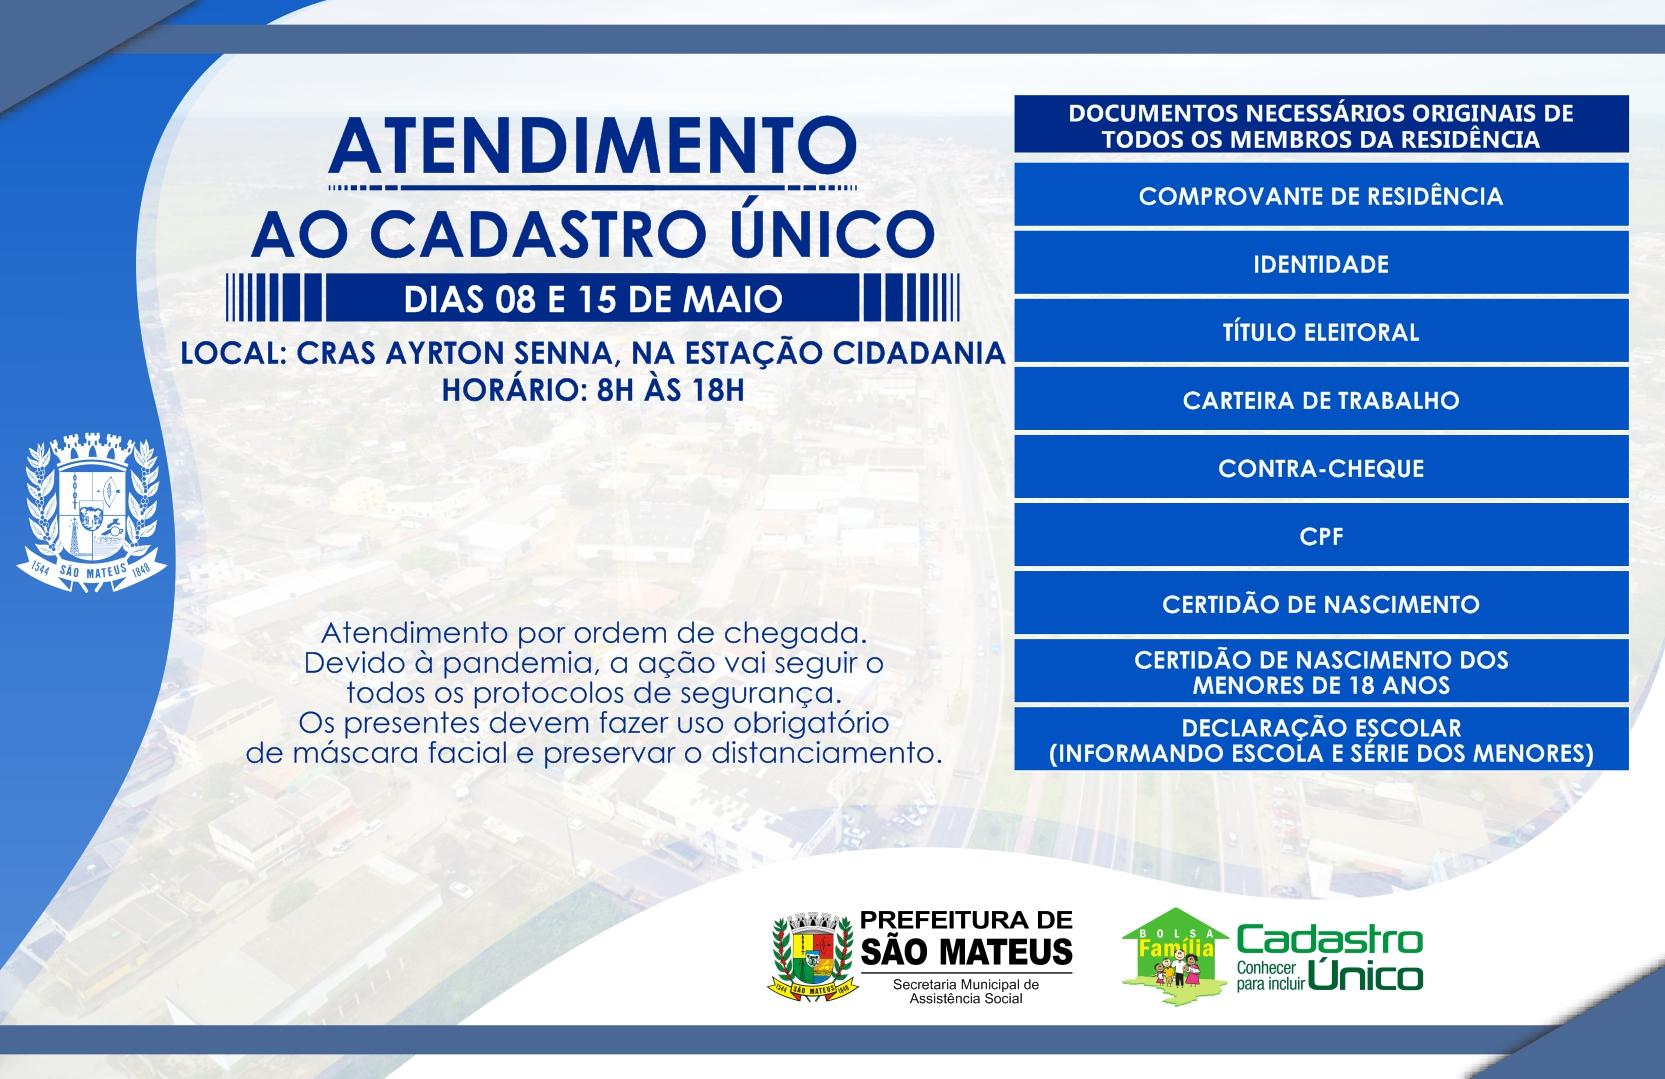 ASSISTÊNCIA SOCIAL REALIZA MUTIRÃO DE ATENDIMENTO PARA CADASTRO ÚNICO